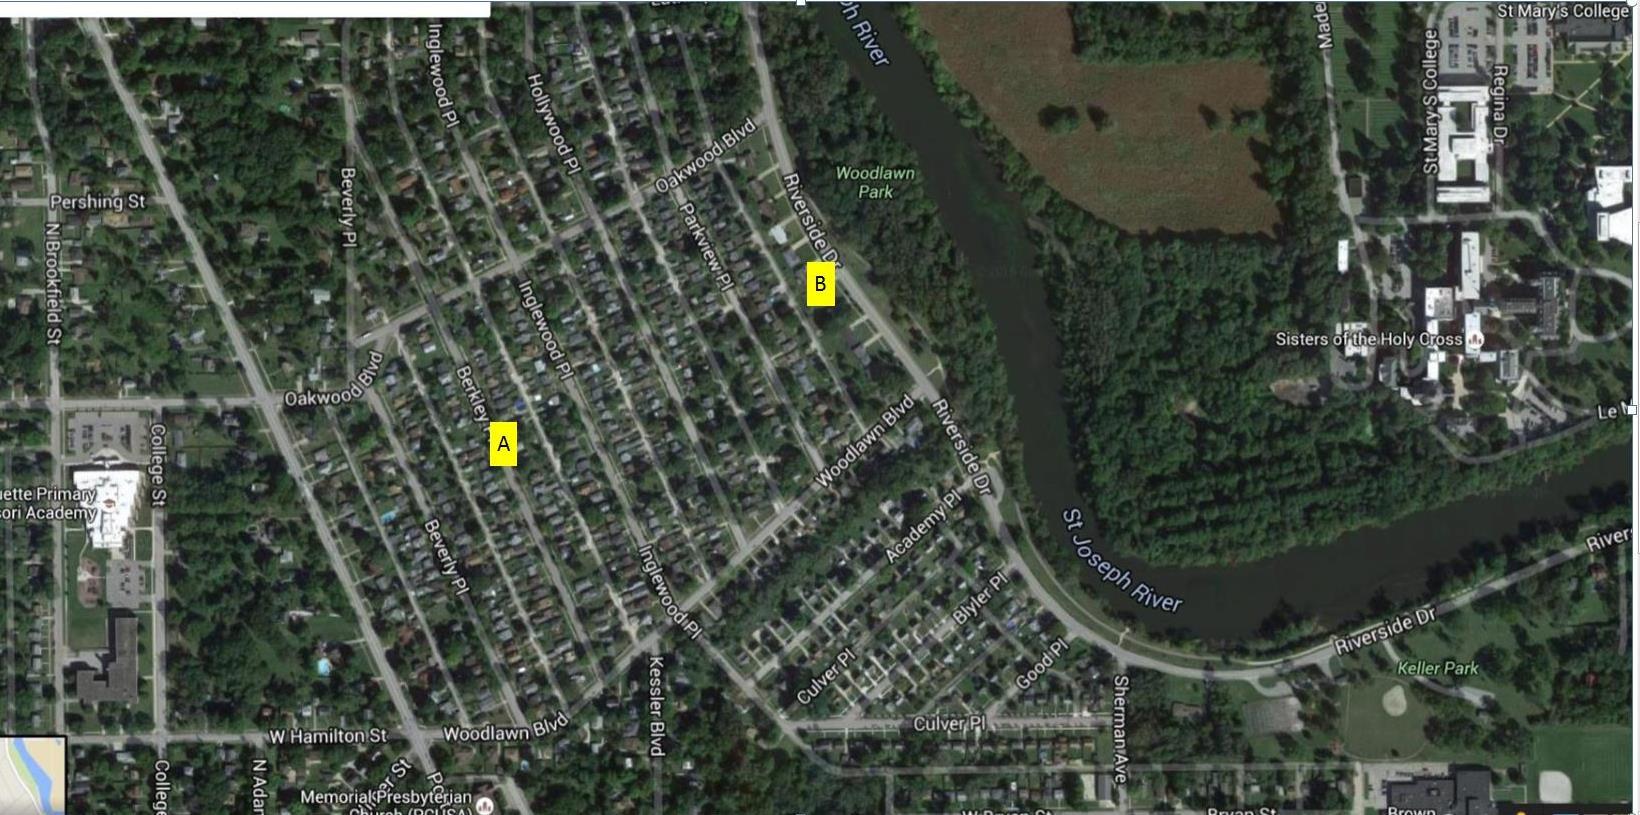 ( Image courtesy of Google maps )